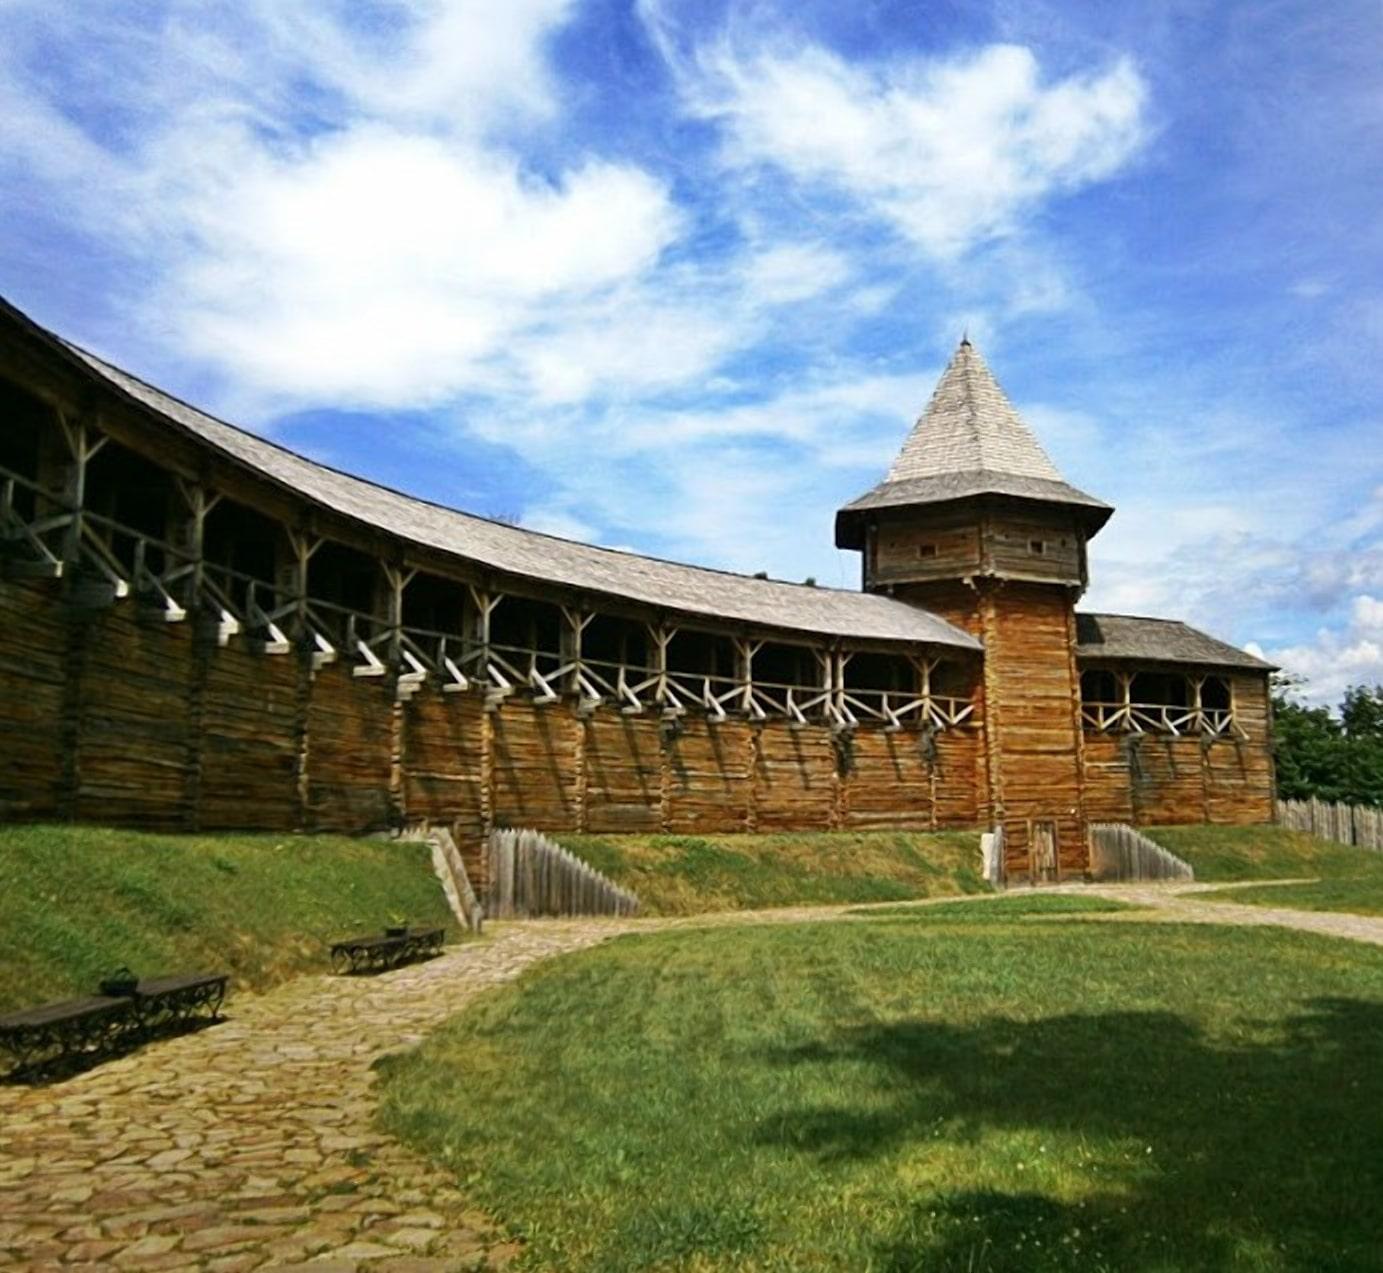 Первоначально Ляховический замок был типичной деревянной крепостью